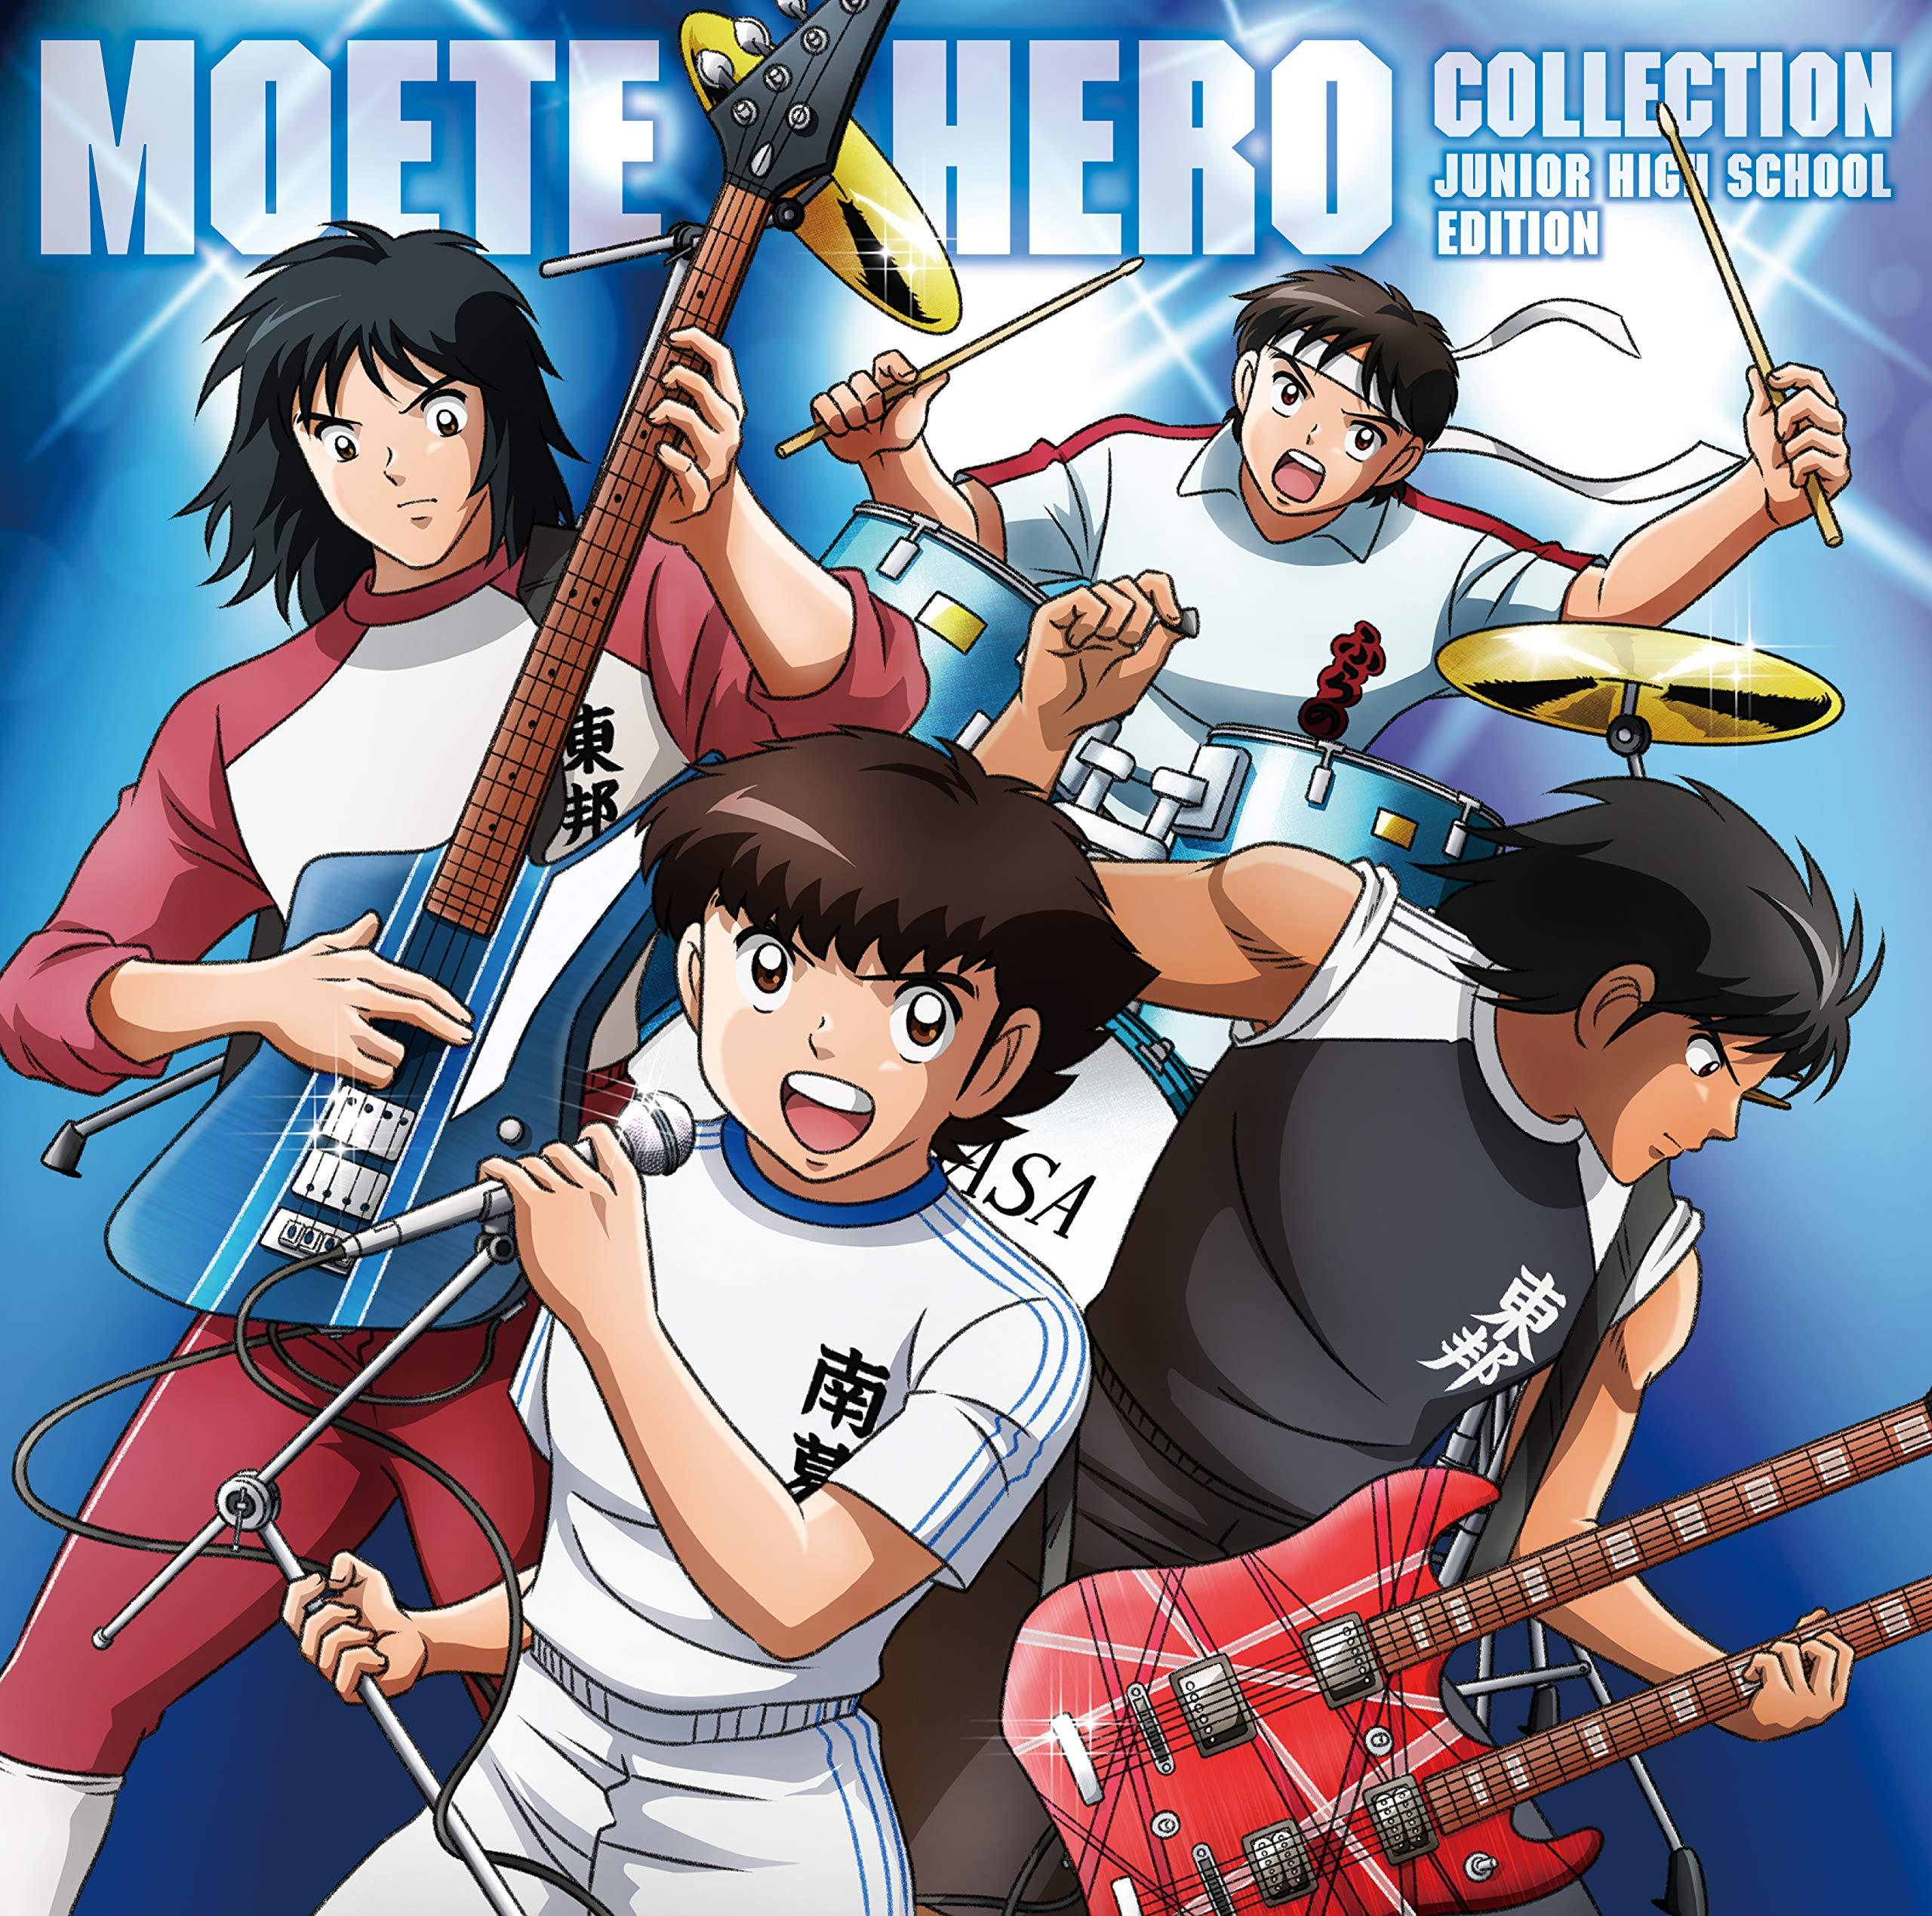 TVアニメ「キャプテン翼」 中学生編エンディングテーマ「燃えてヒーロー」コレクション (オリジナルポストカード付)